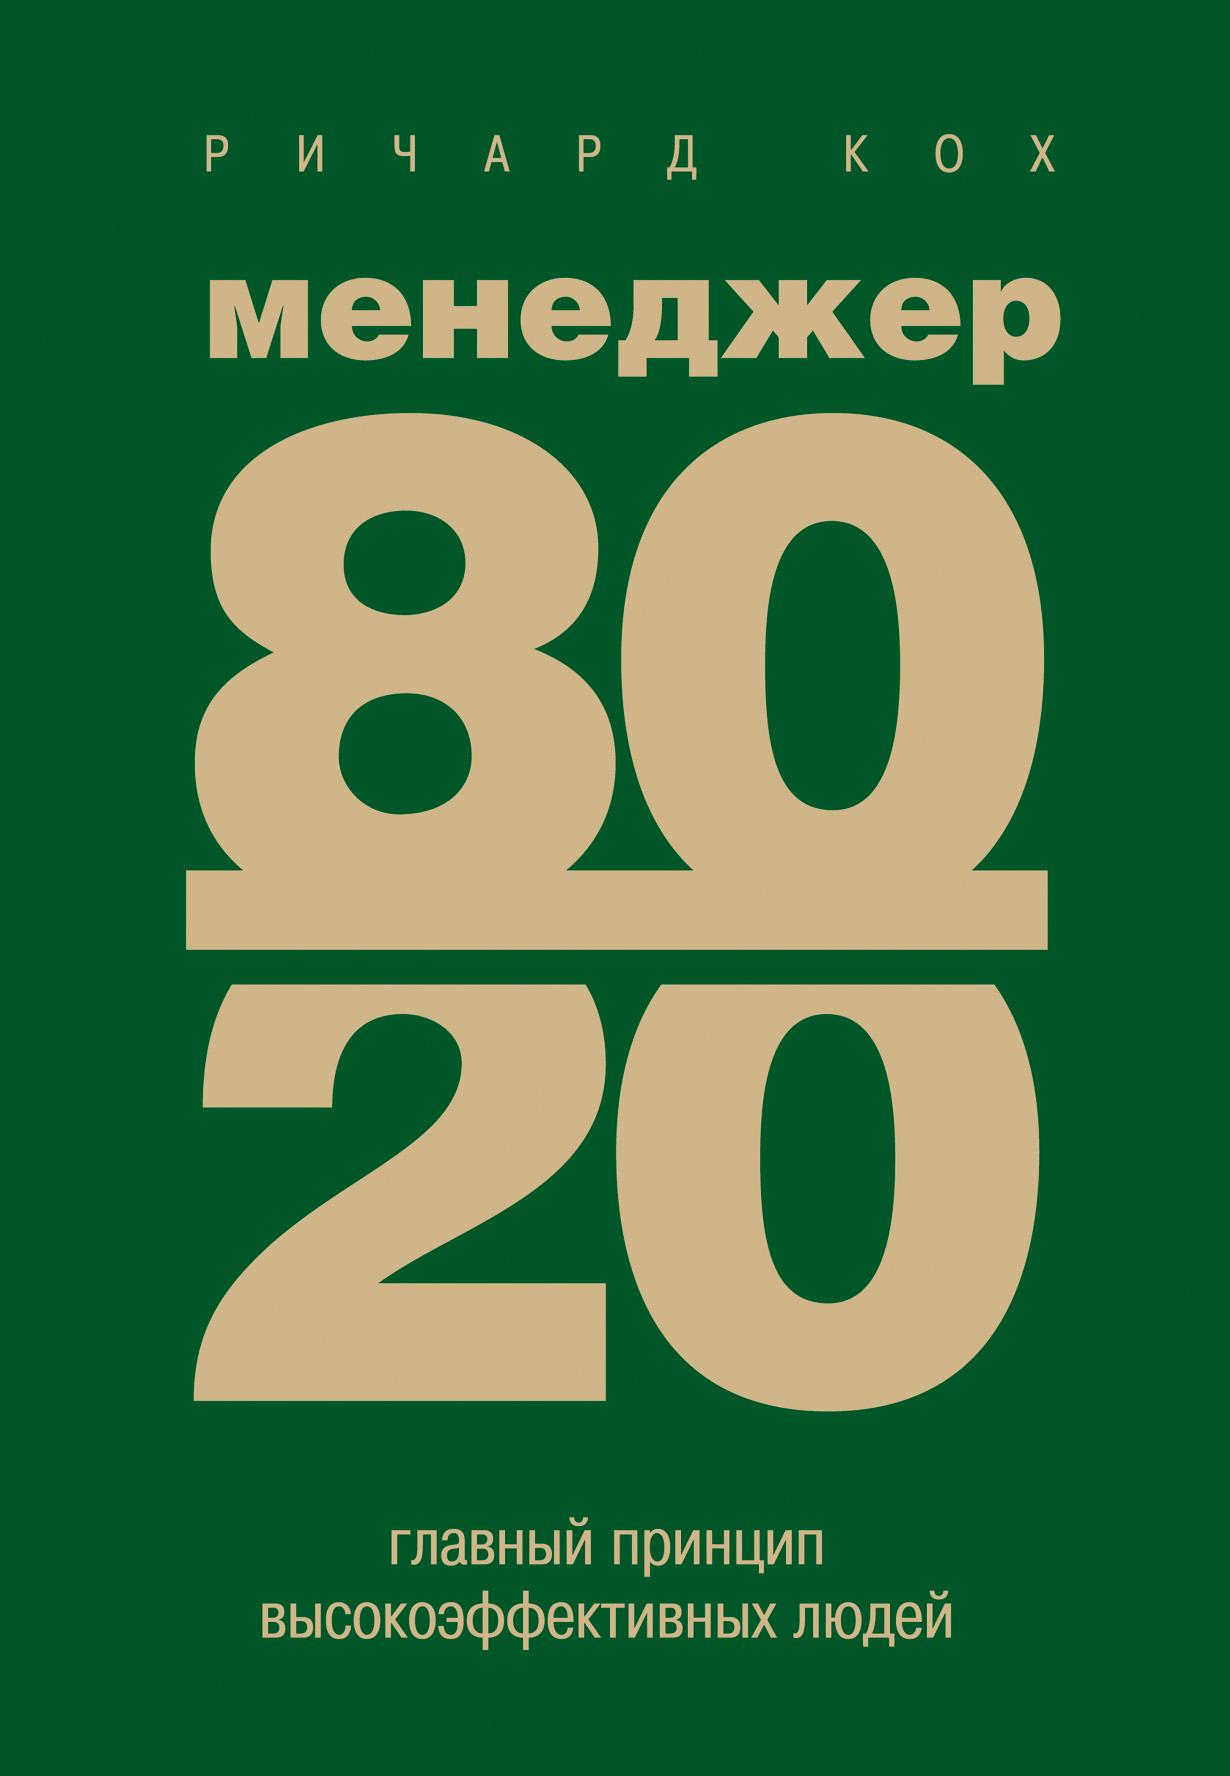 Фото - Ричард Кох Менеджер 80/20. Главный принцип высокоэффективных людей кох р успех по принципу 80 20 как построить карьеру и бизнес используя ваши лучшие 20